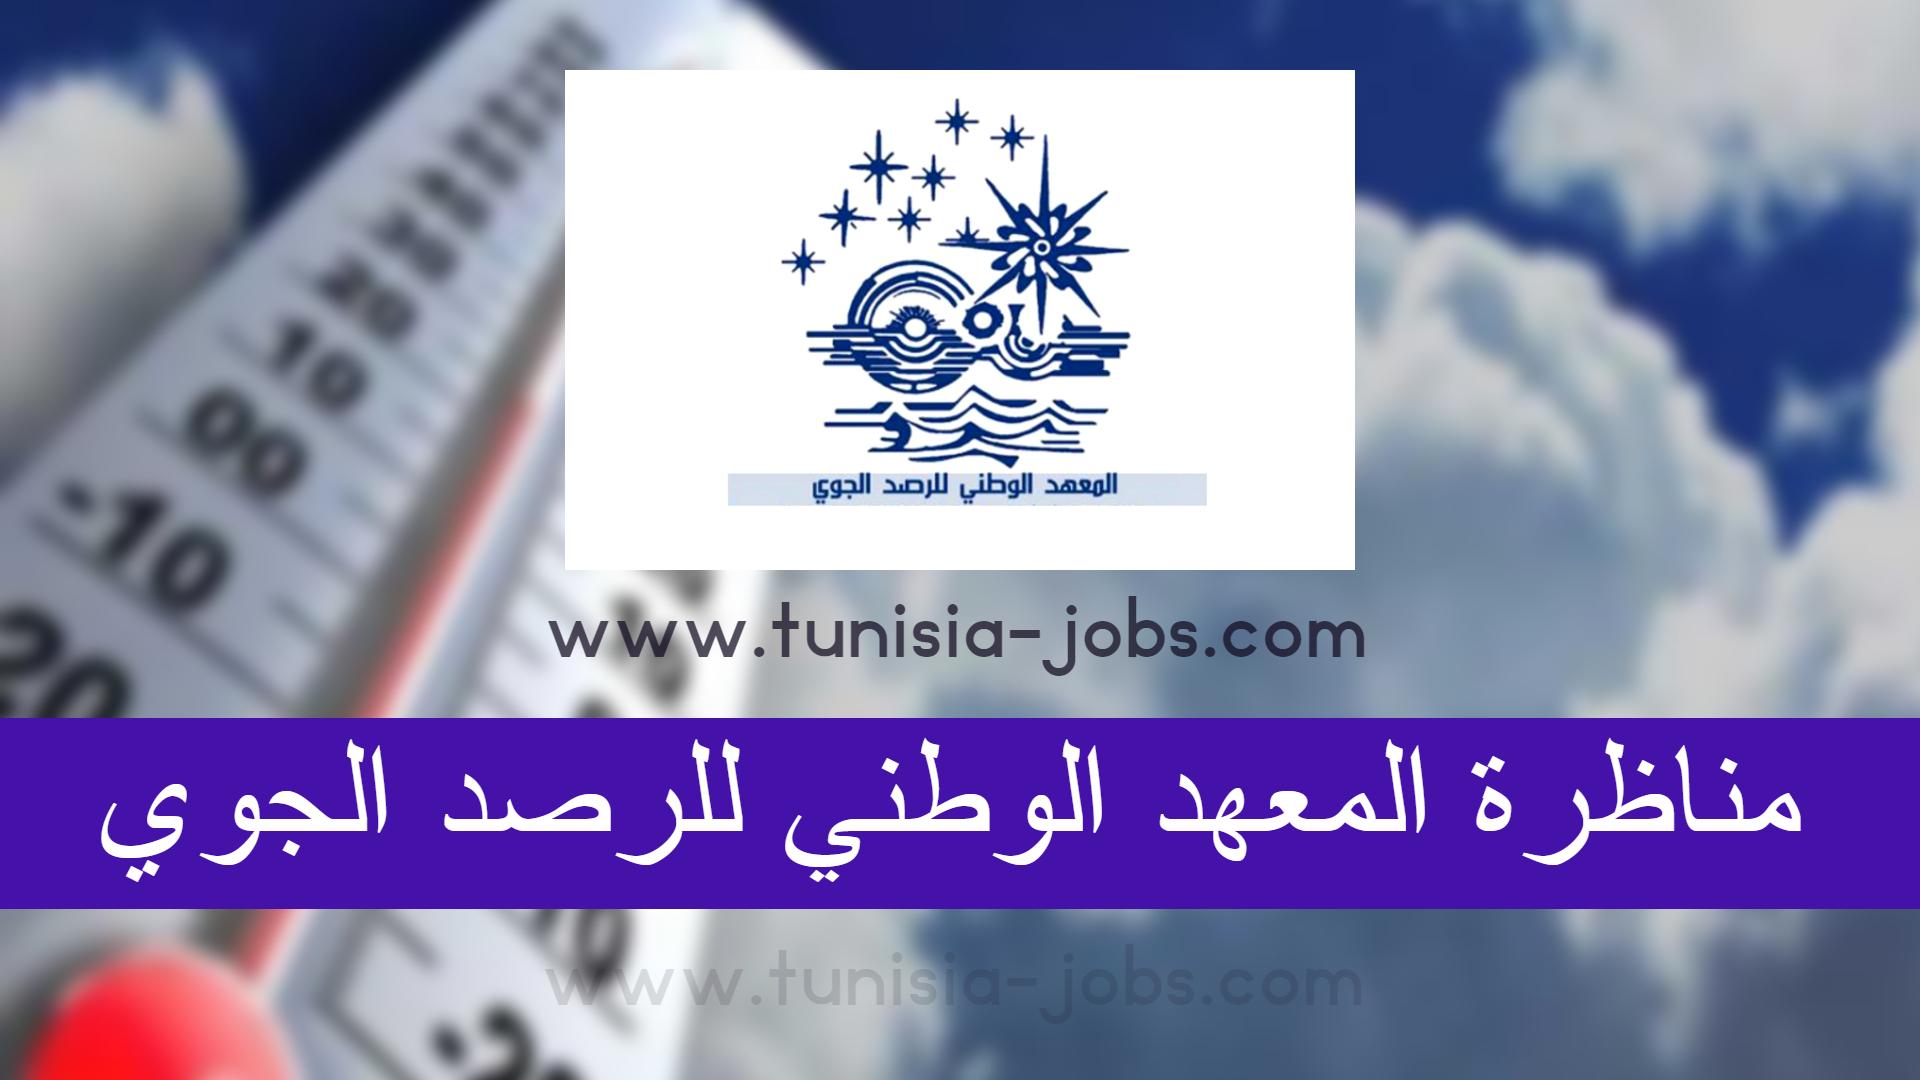 مناظرة المعهد الوطني للرصد الجوي لإنتداب أعوان Tunisia Jobs